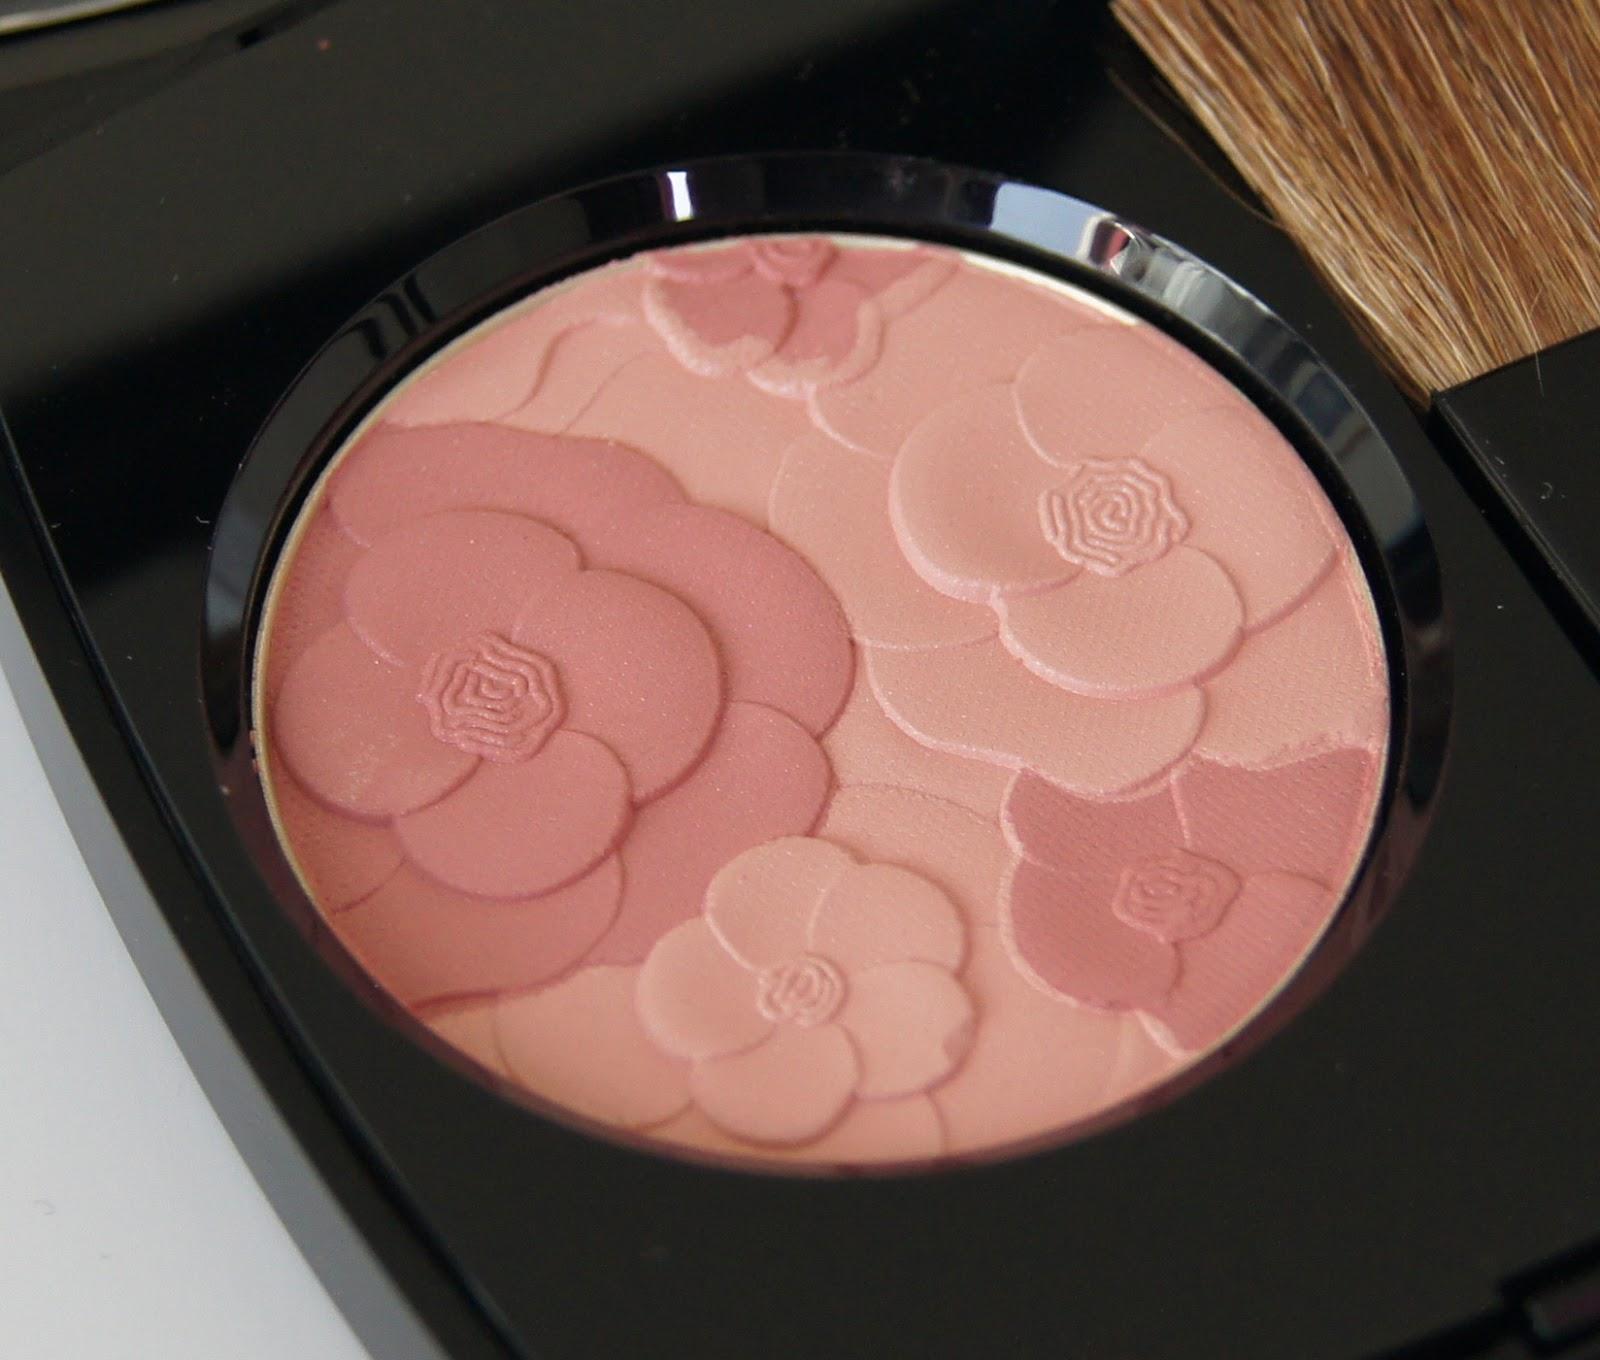 blush camelia rose review